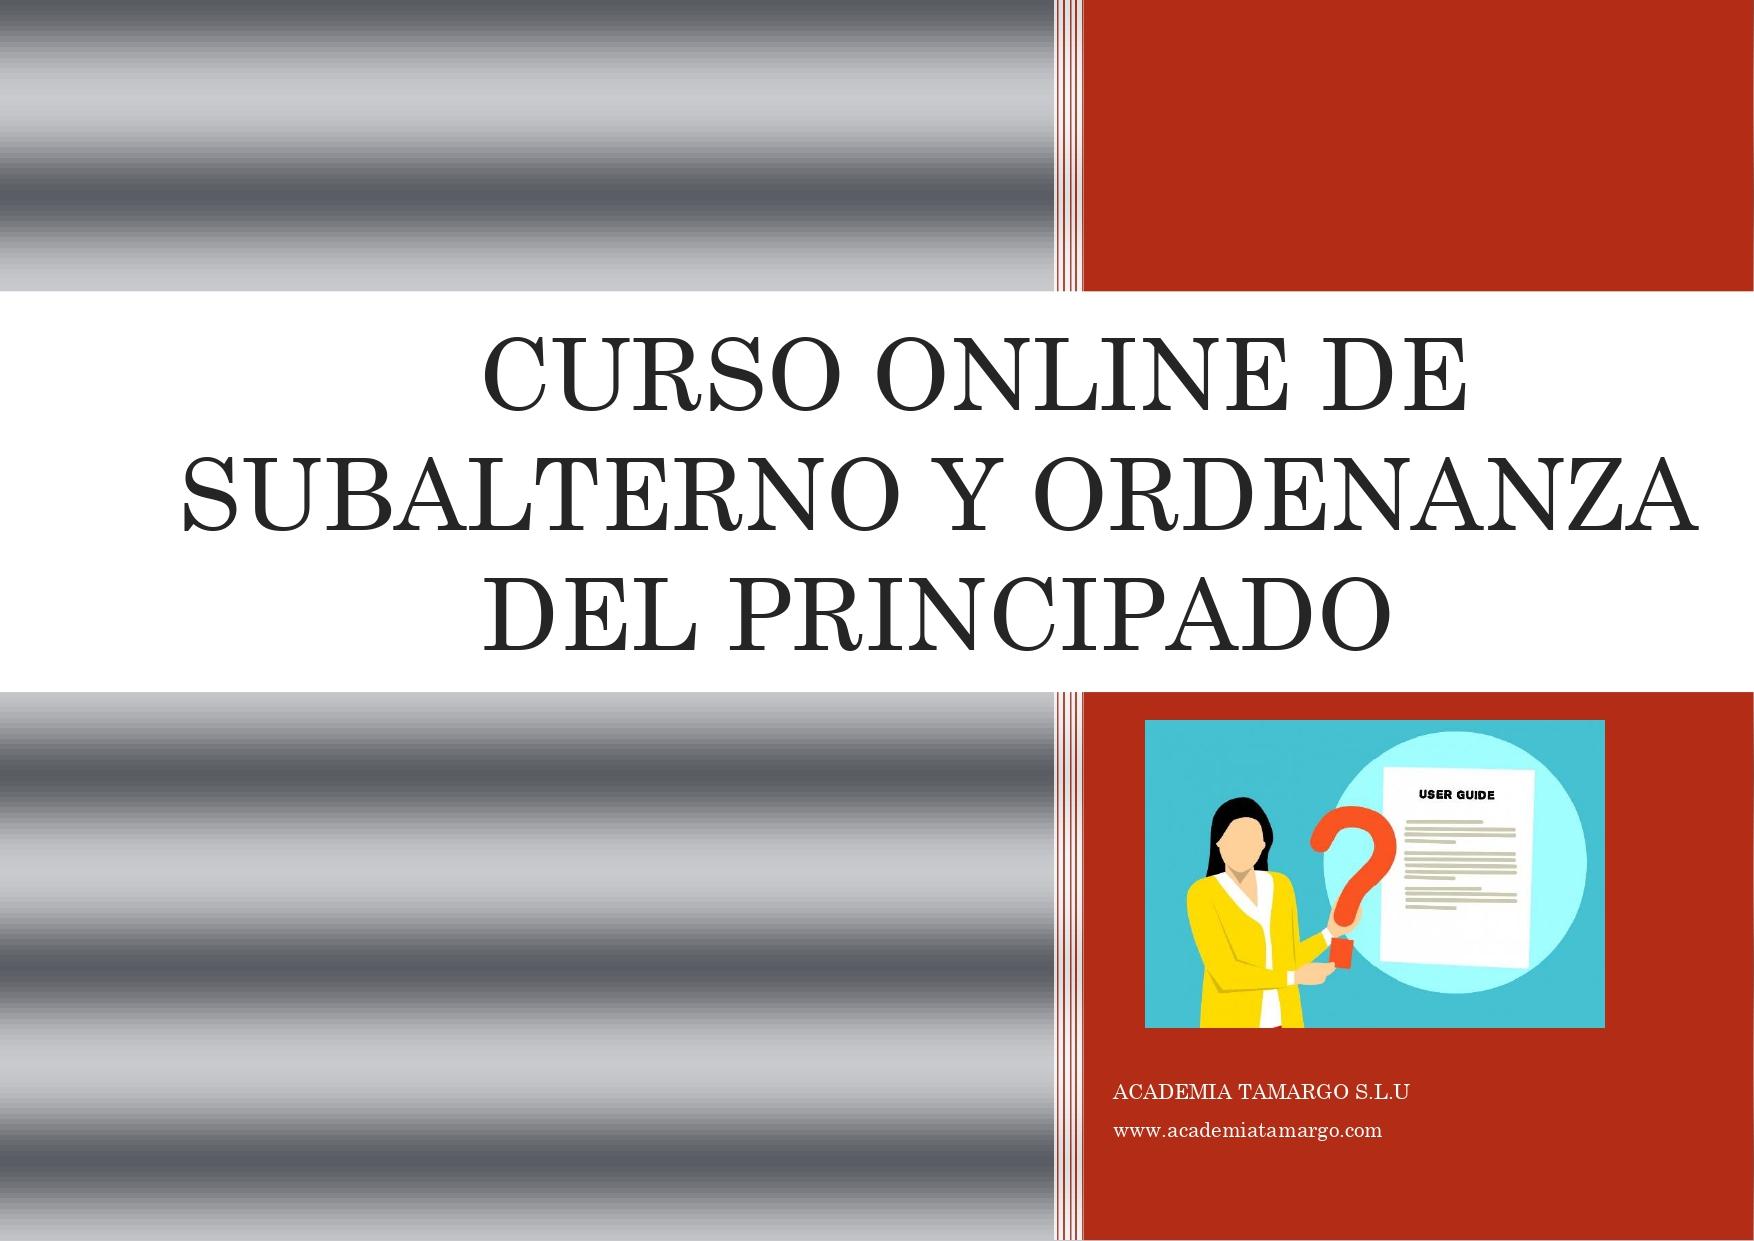 PORTADA DE CURSO ONLINE DE SUBALTERNO DEL PRINCIPADO_page-0001 (1)